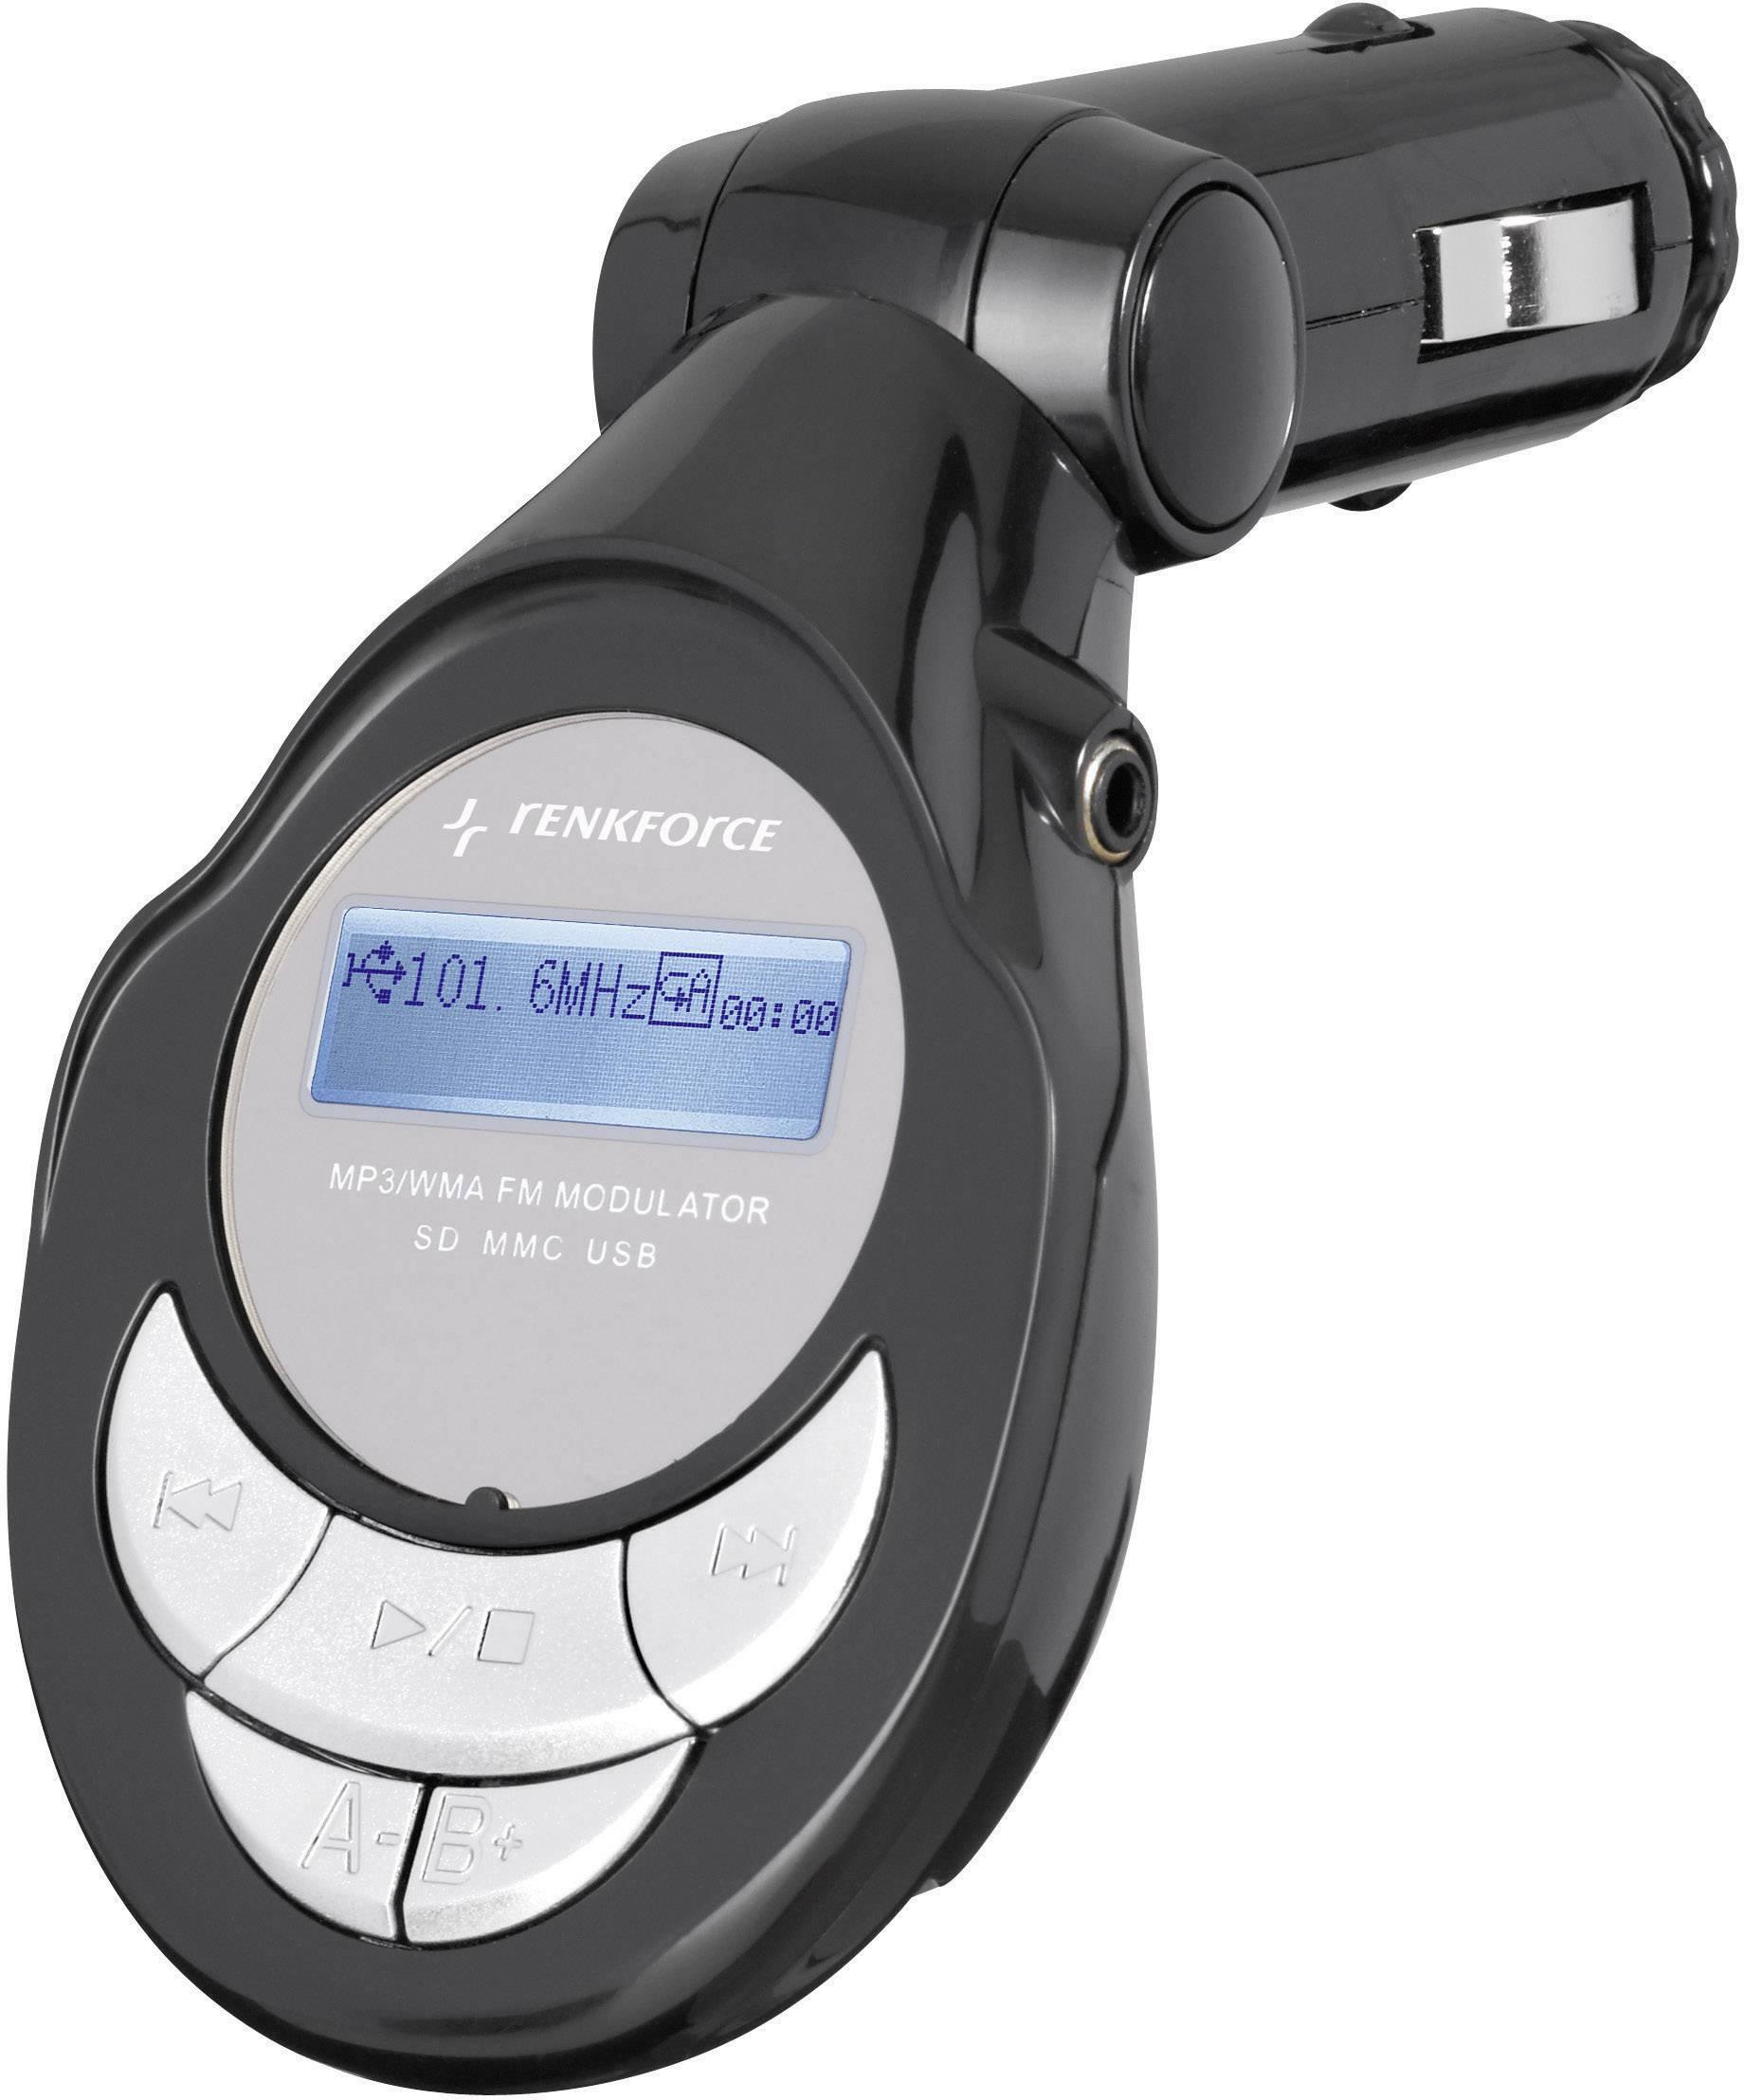 FM vysílač Renkforce s MP3 přehrávačem